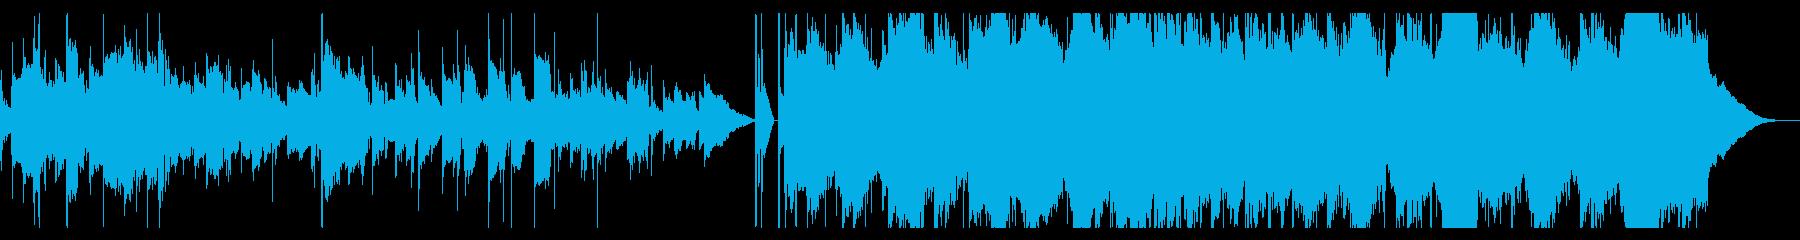 リラックス ゆったりしたチルアウトその3の再生済みの波形